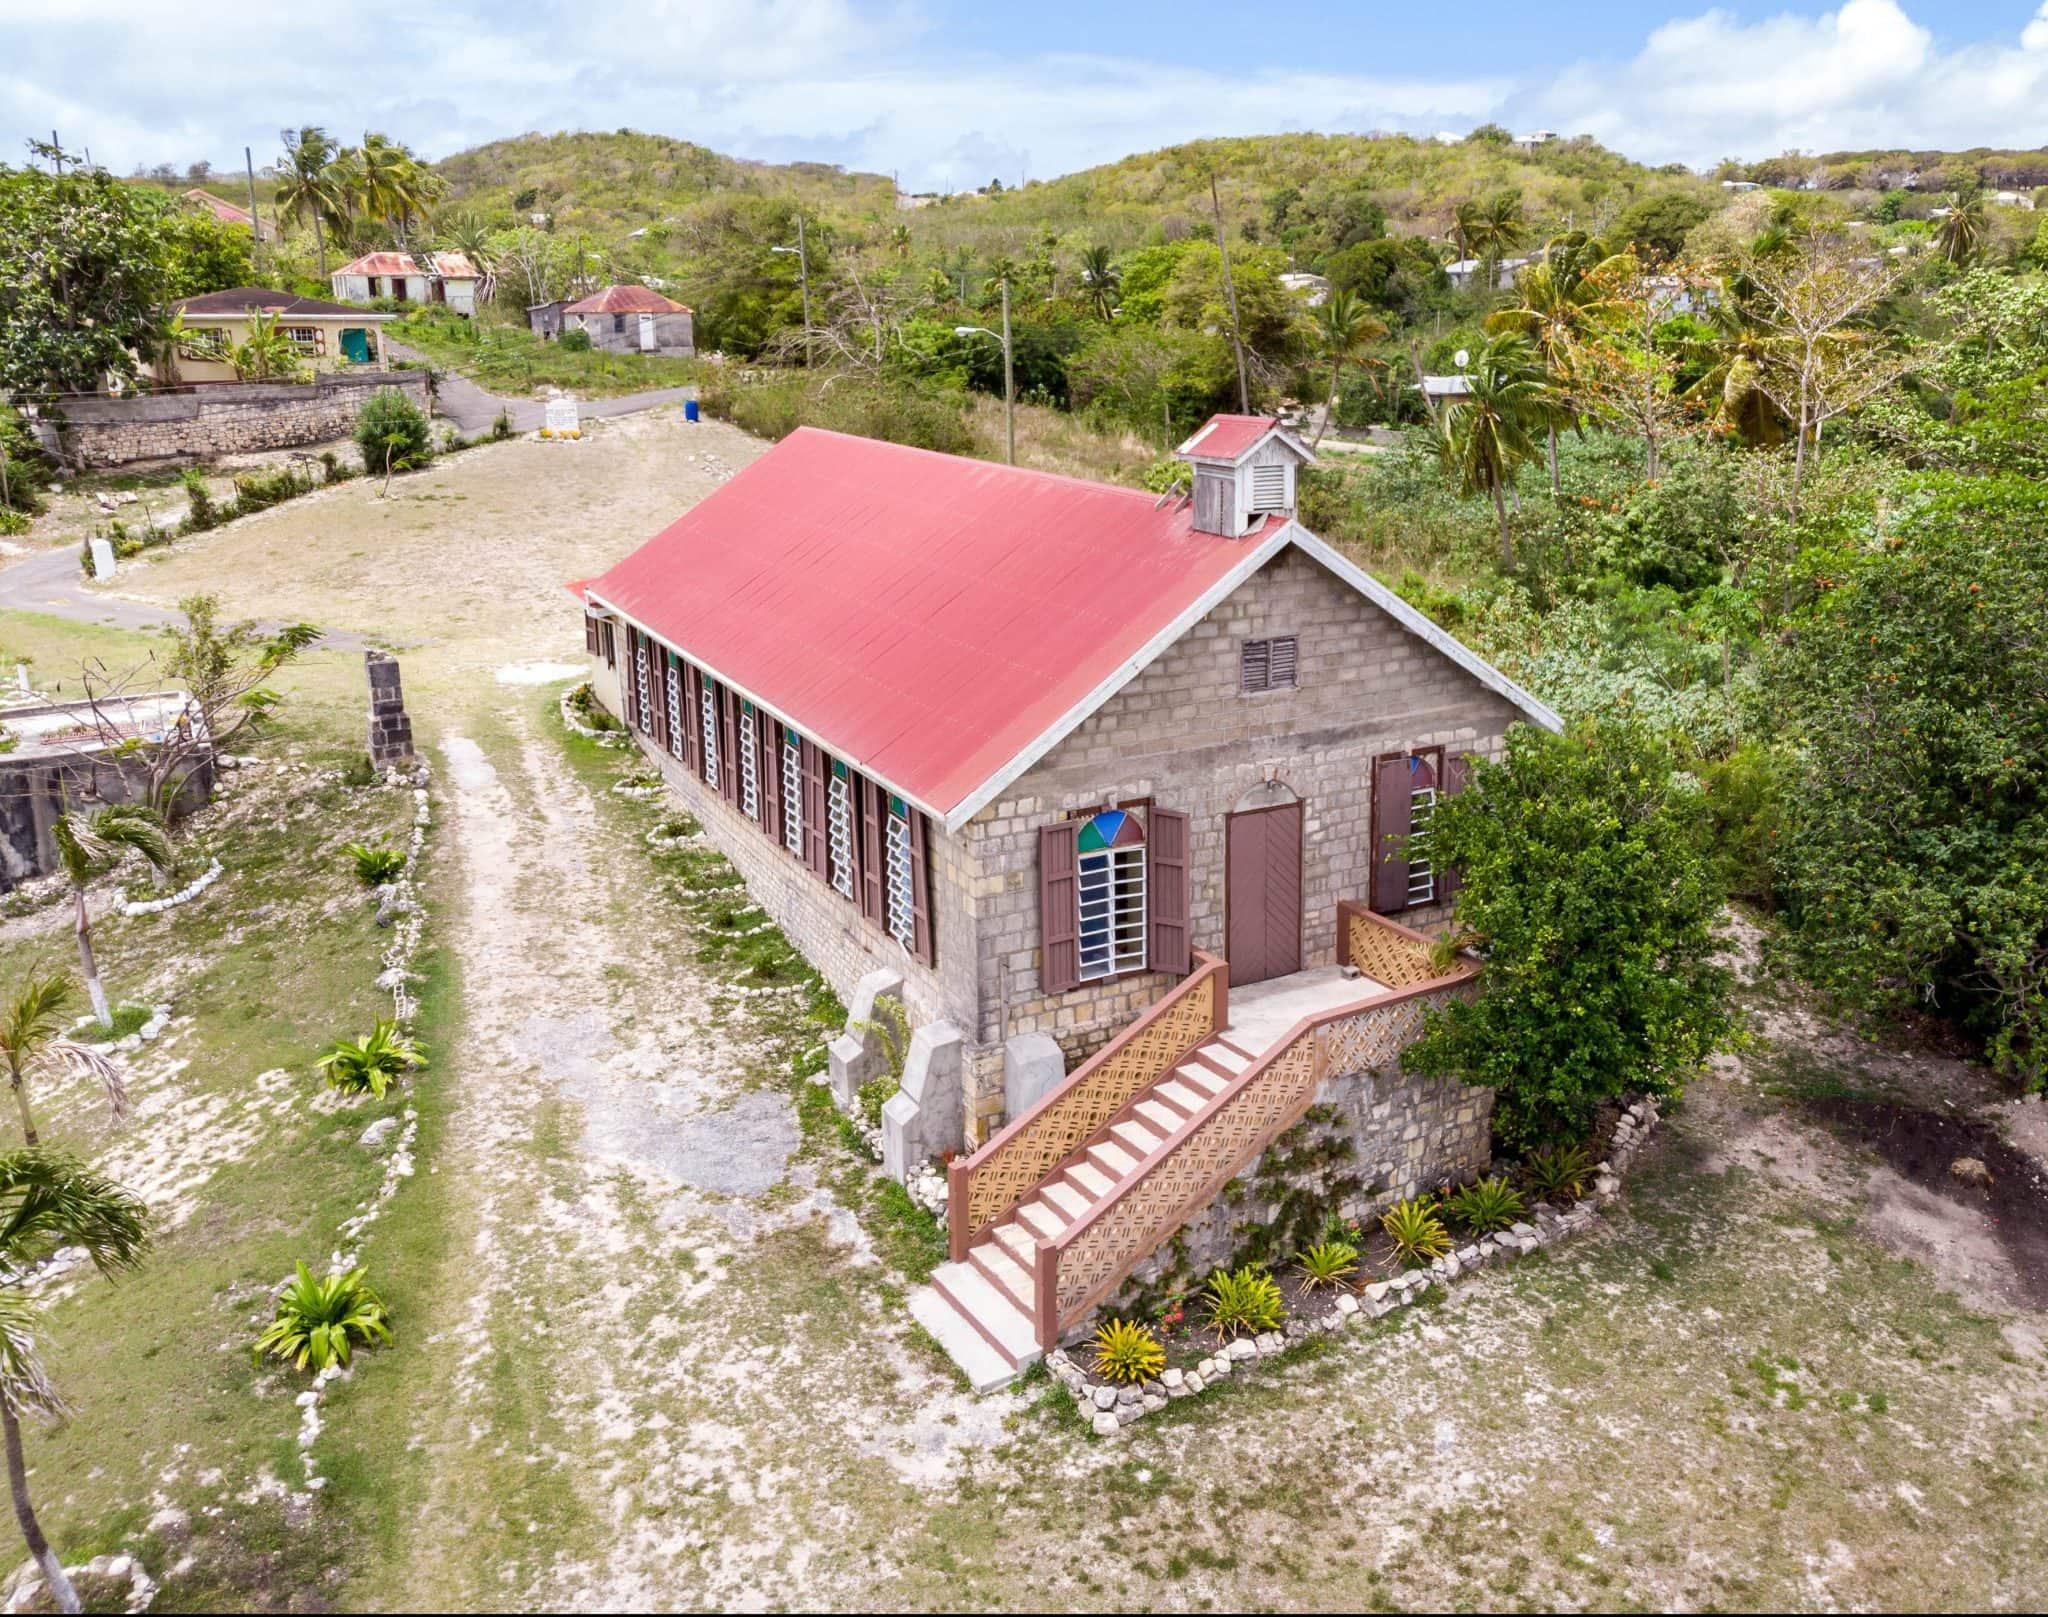 Quaint Country Churches of Antigua